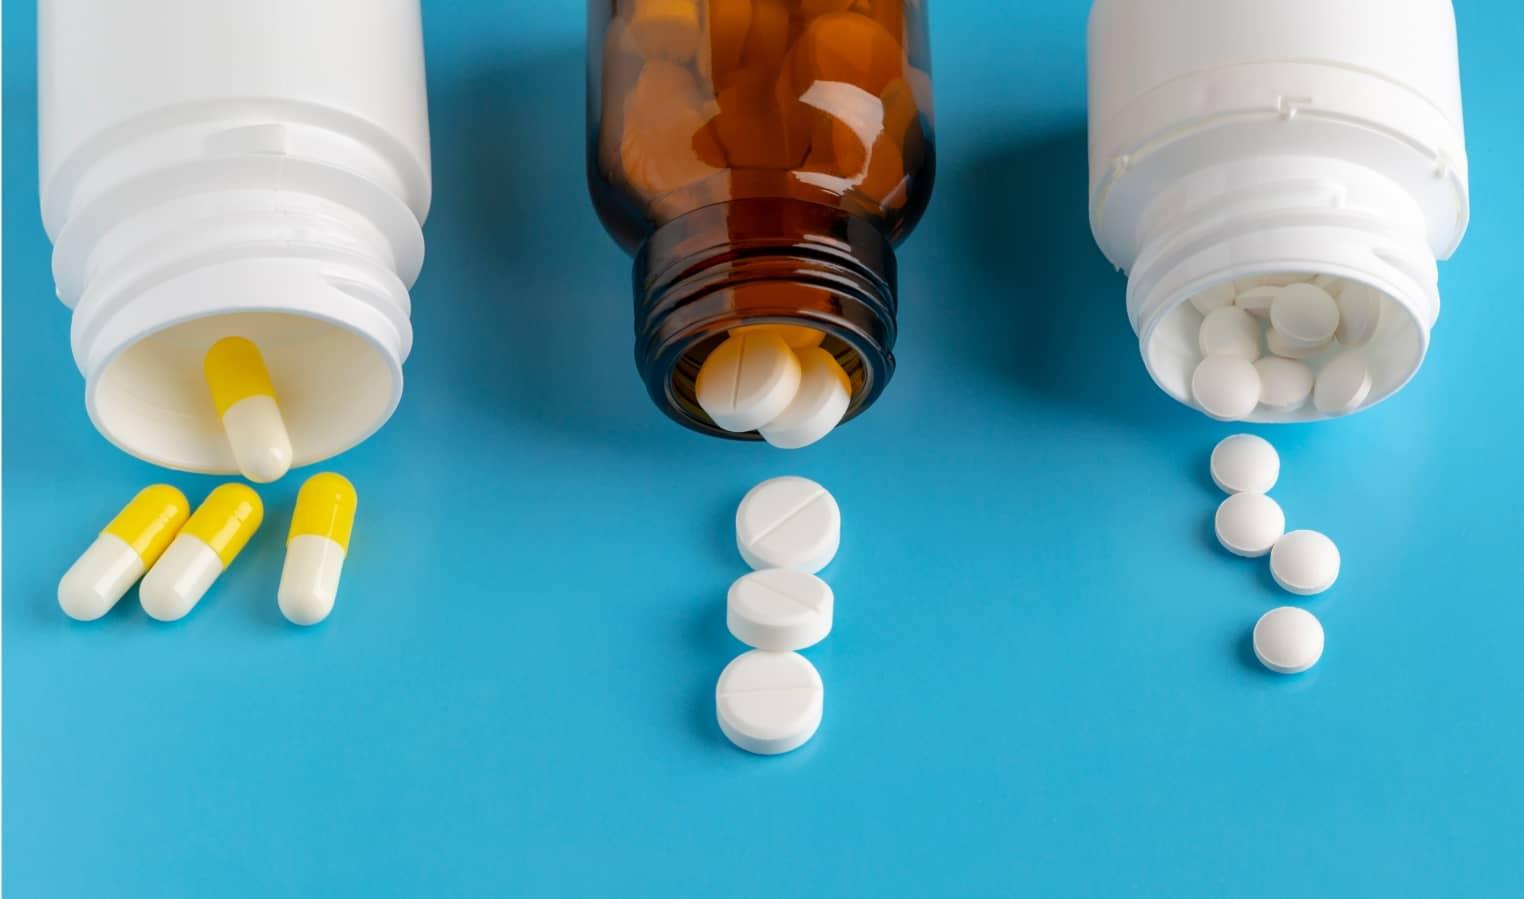 Tabla de compatibilidad de medicamentos: qué debes saber sobre ellas